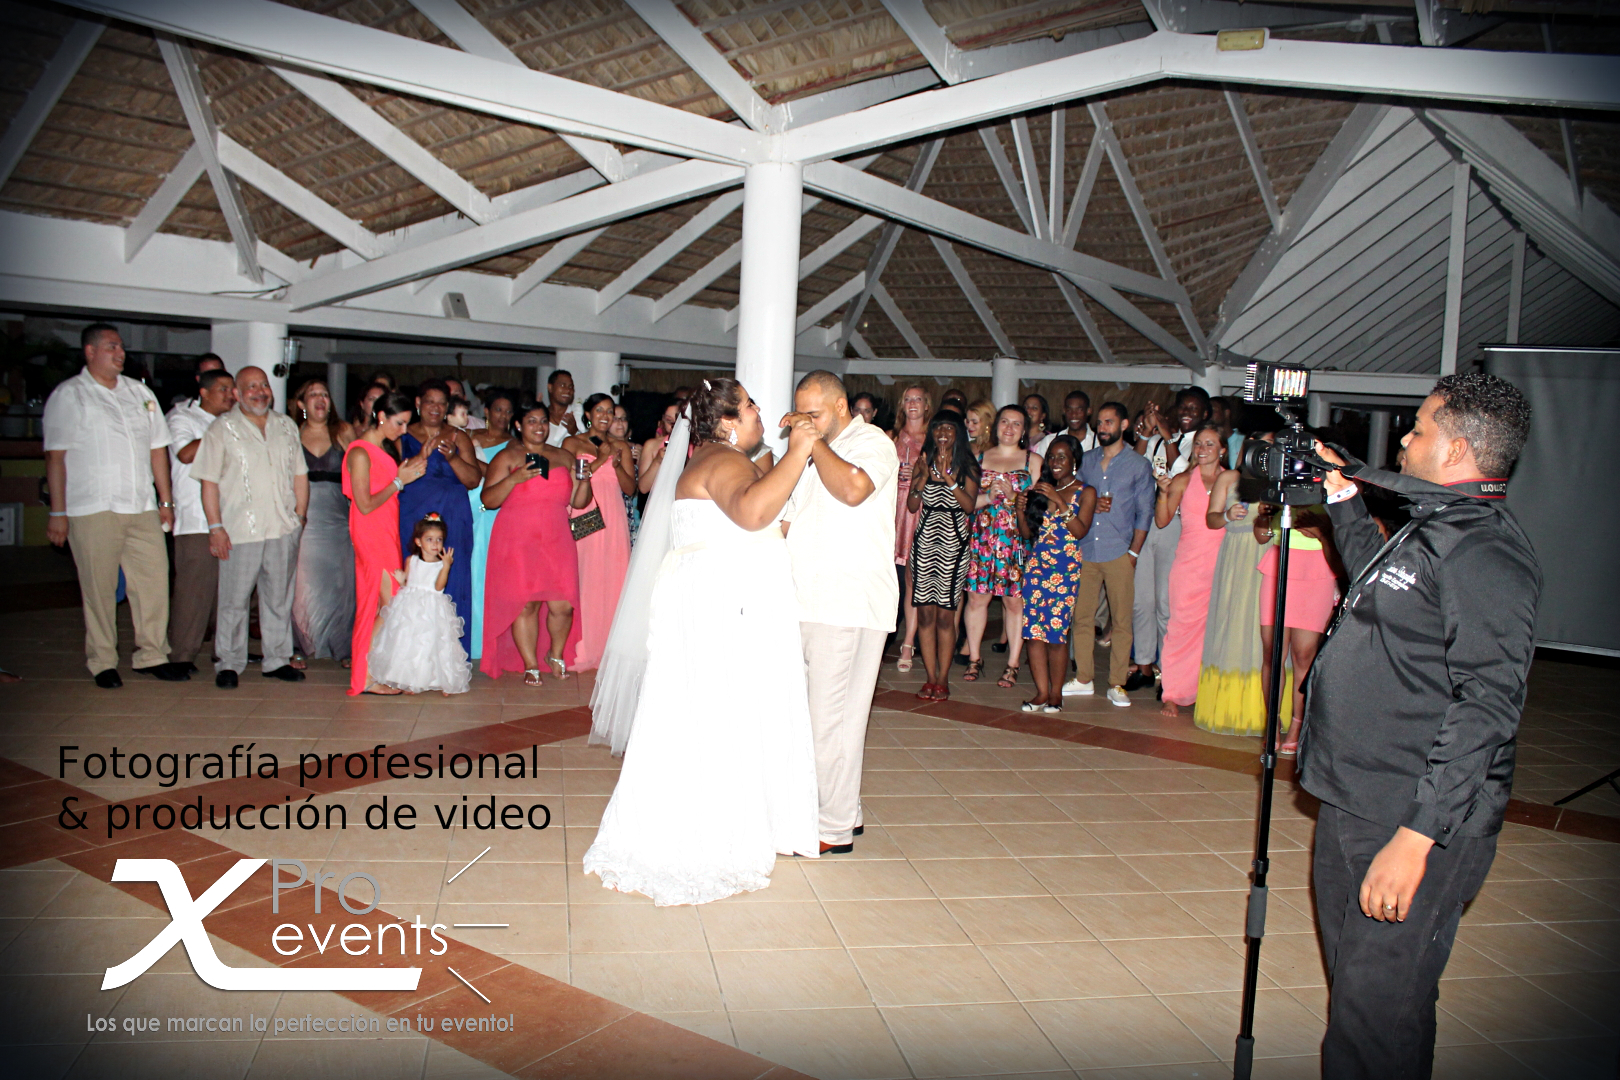 www.Xproevents.com - Fotografia profesional & produccion de video en alta defini